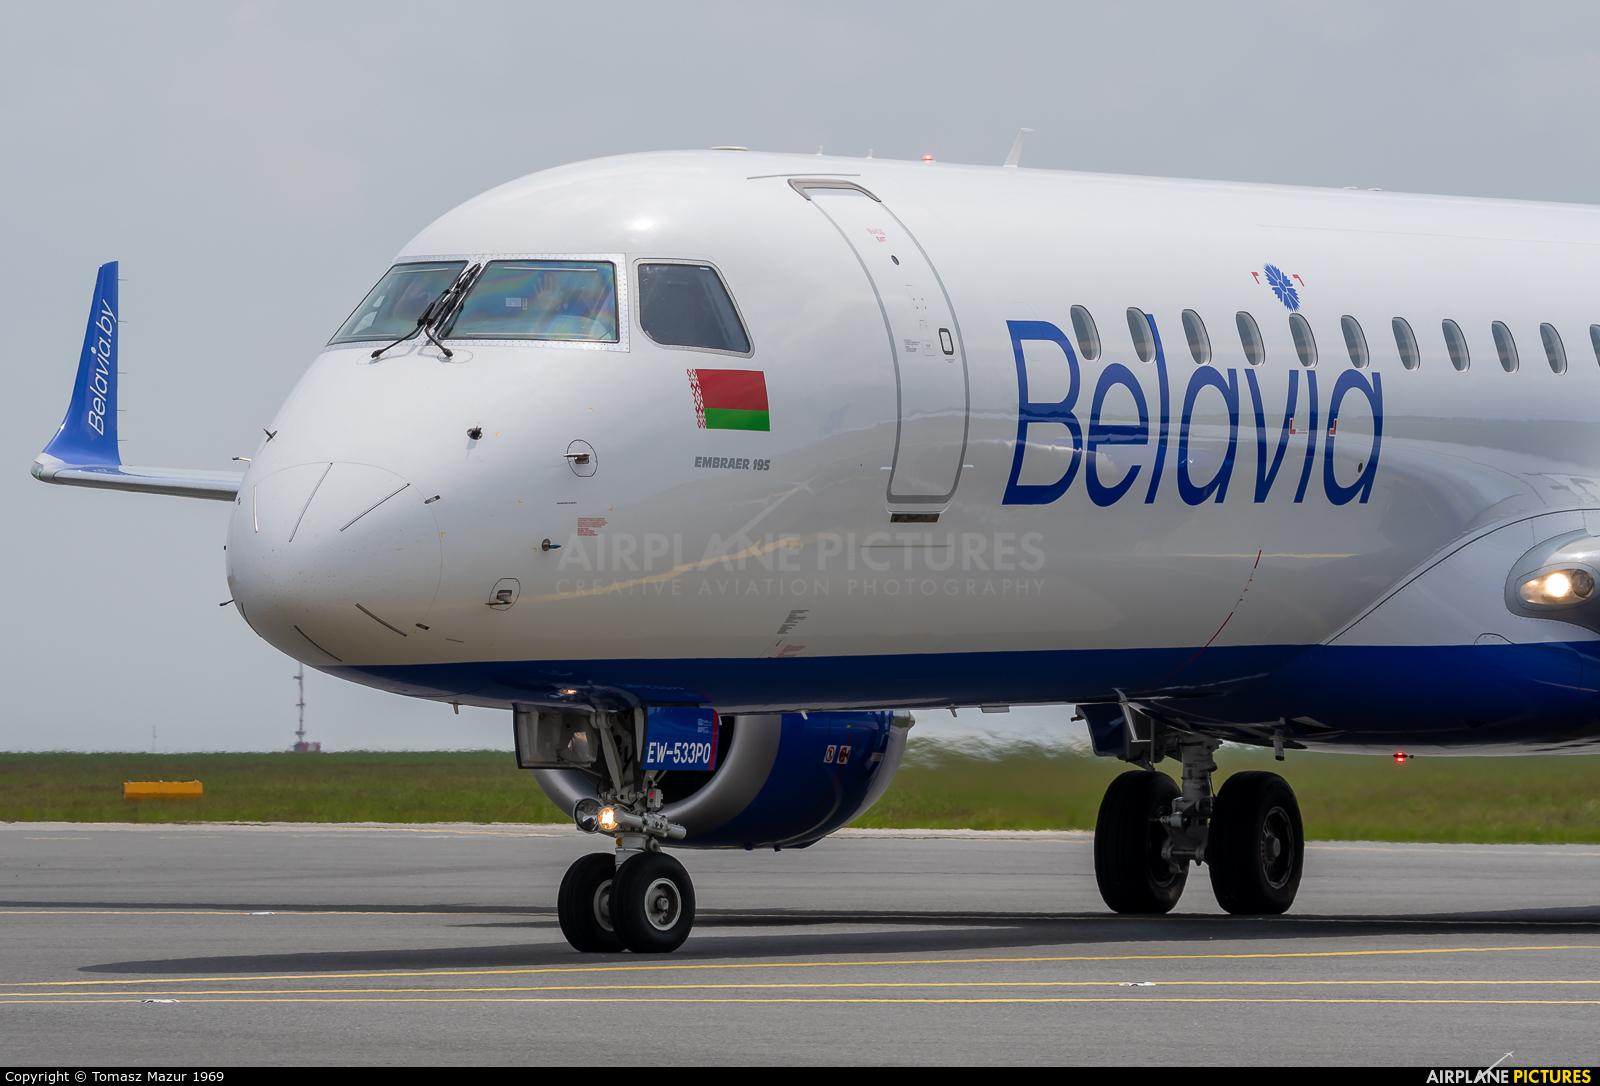 Belavia EW-533PO aircraft at Prague - Václav Havel